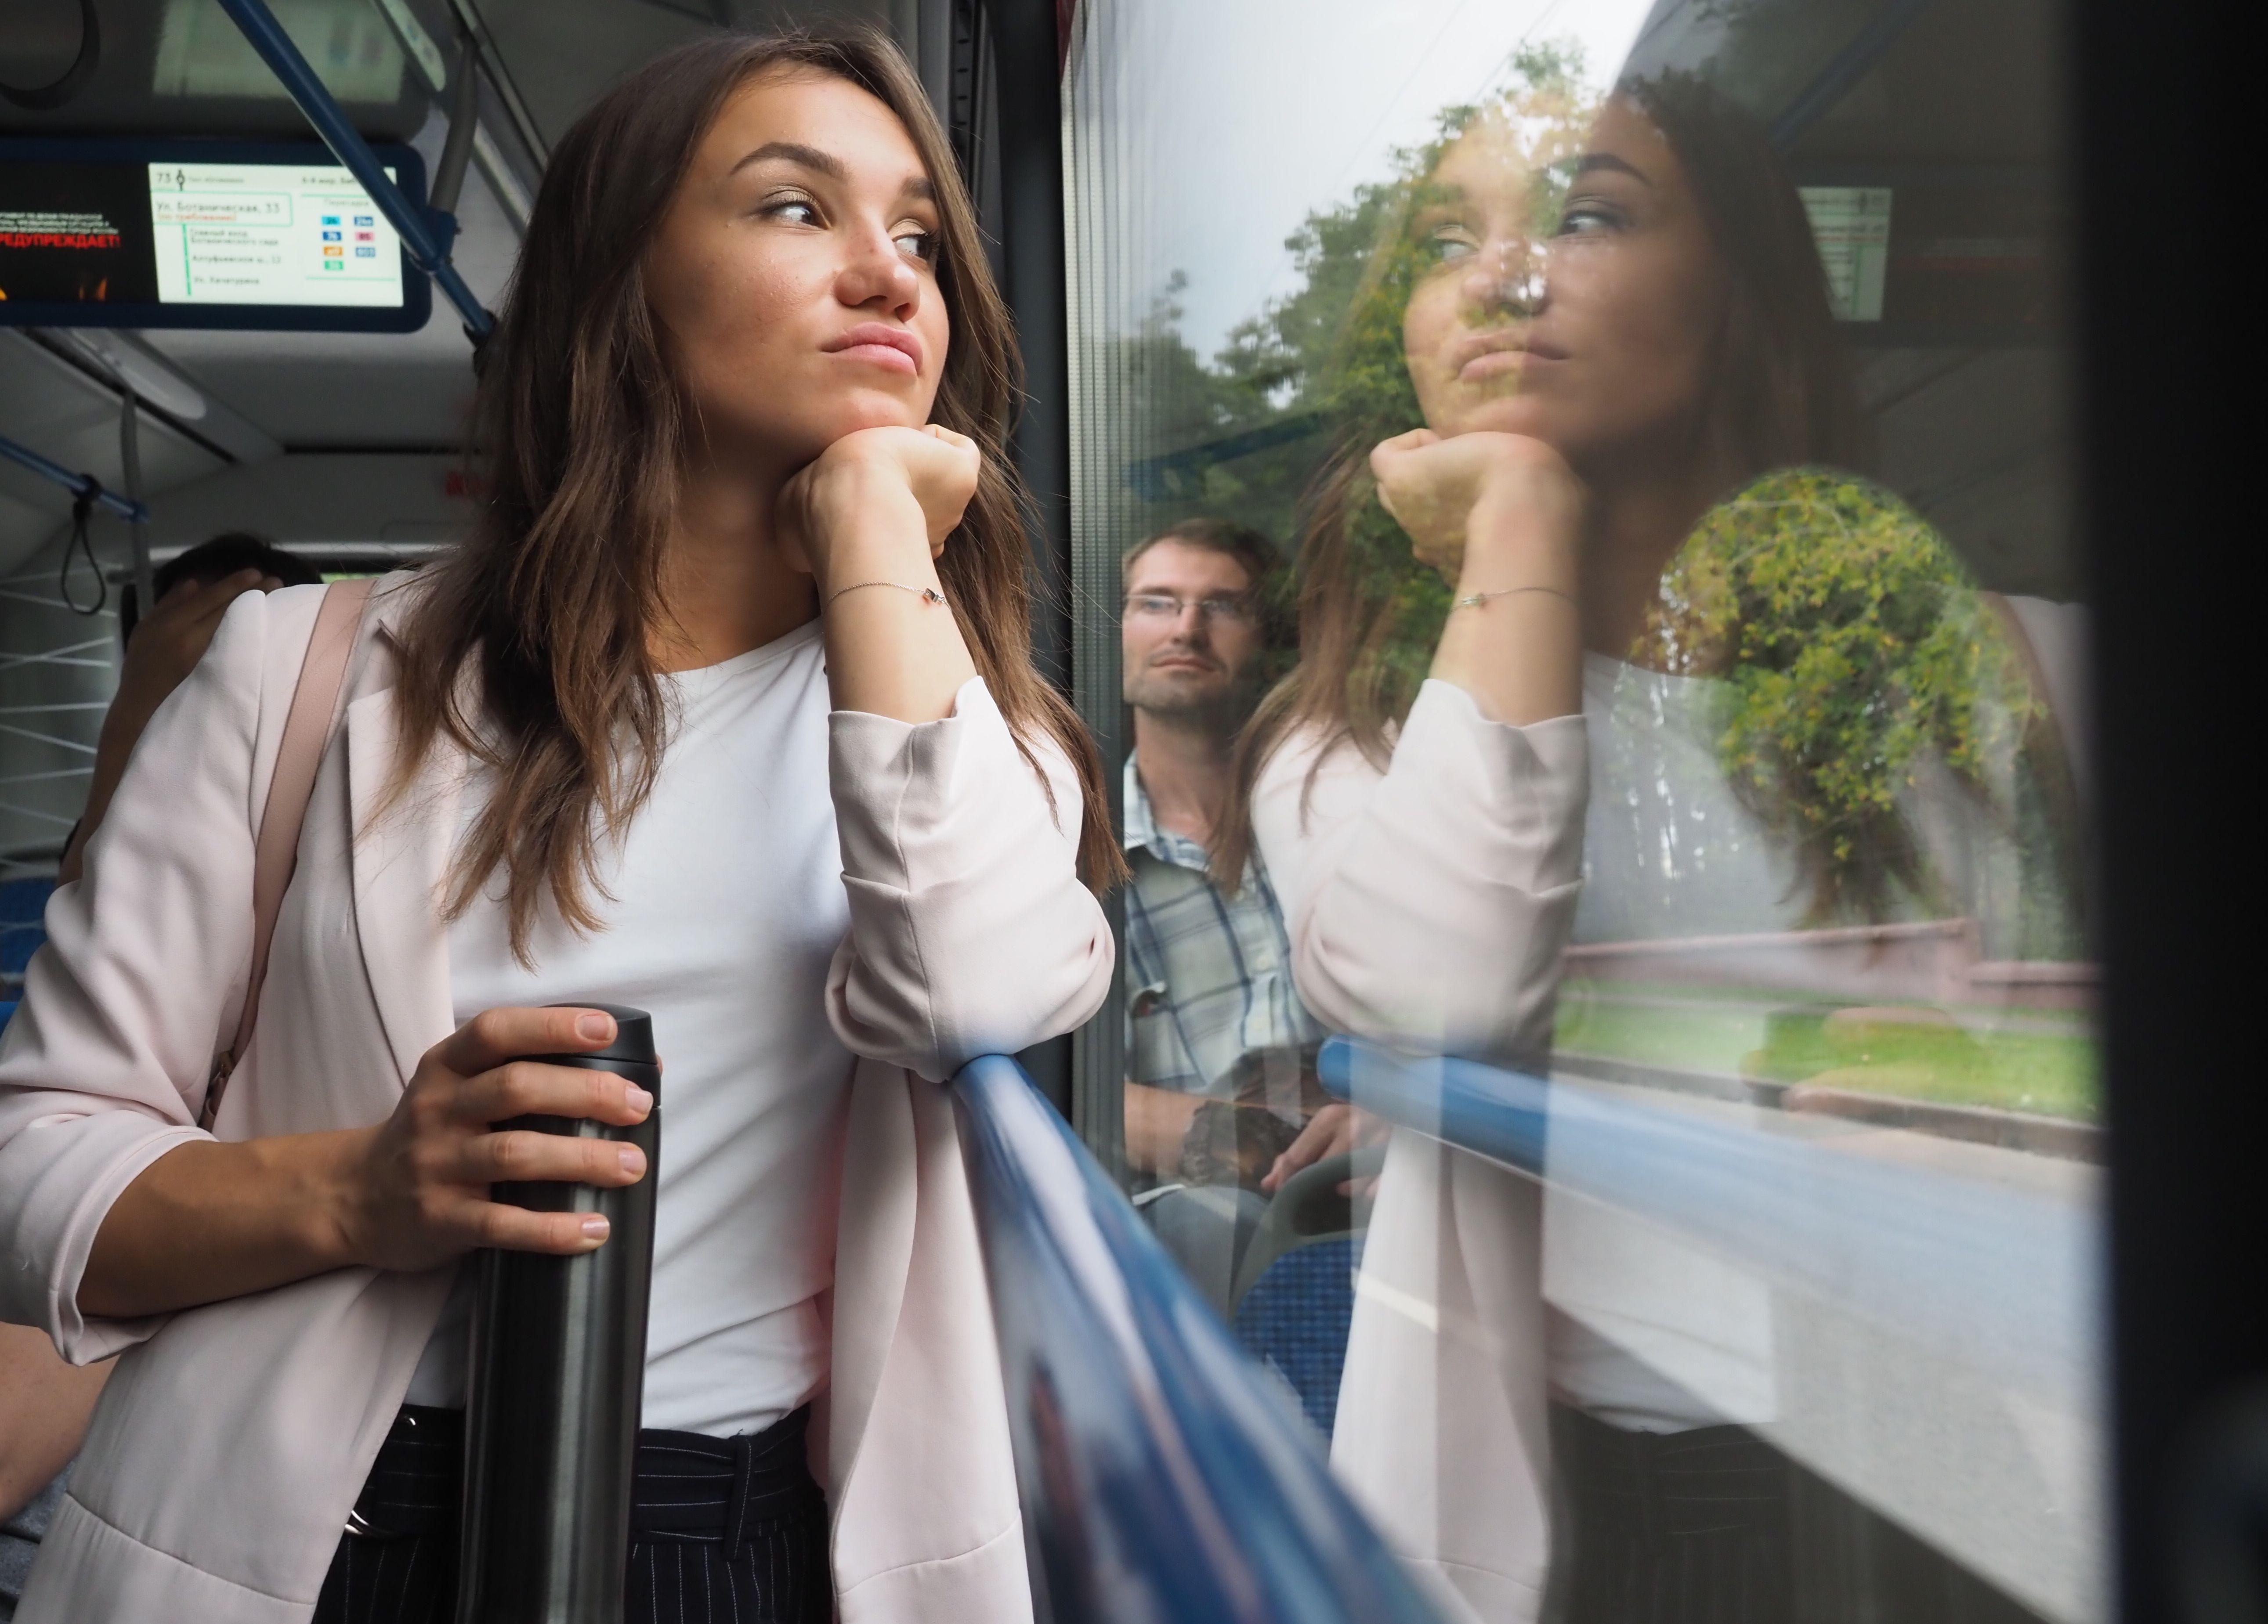 Временные автобусные маршруты появились в нескольких районах юга